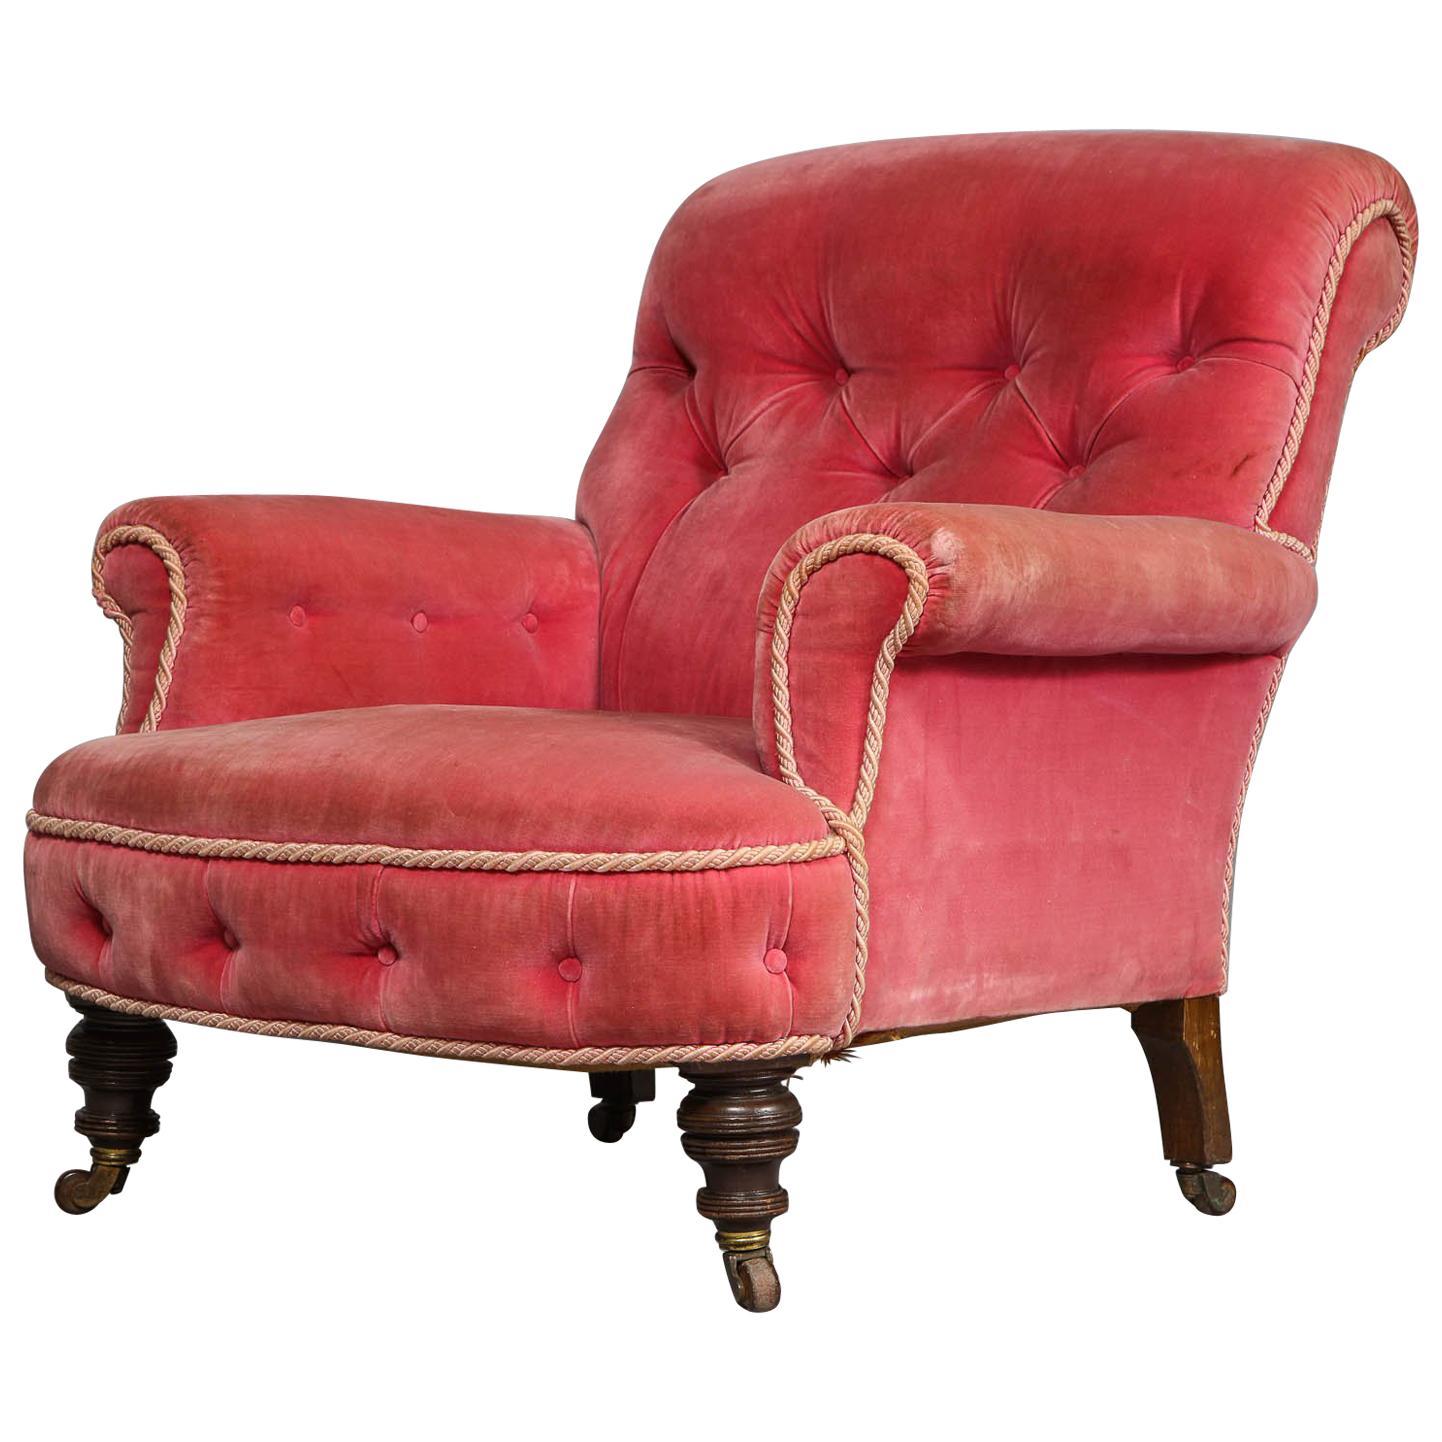 Merveilleux English Club Chair